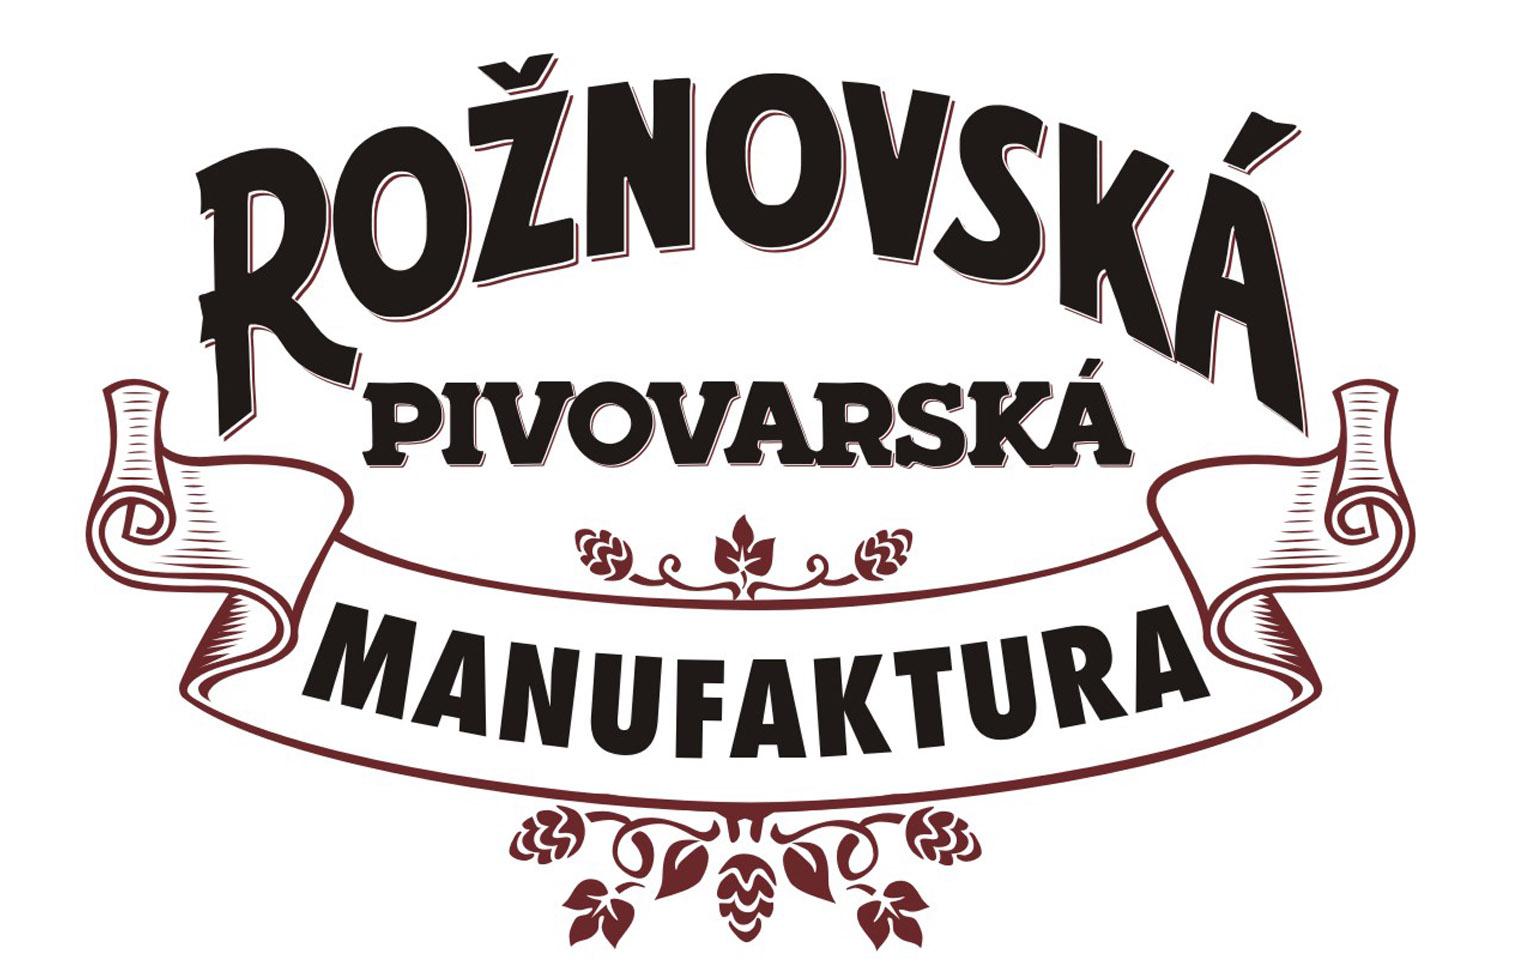 Rožnovská pivovarská manufaktura